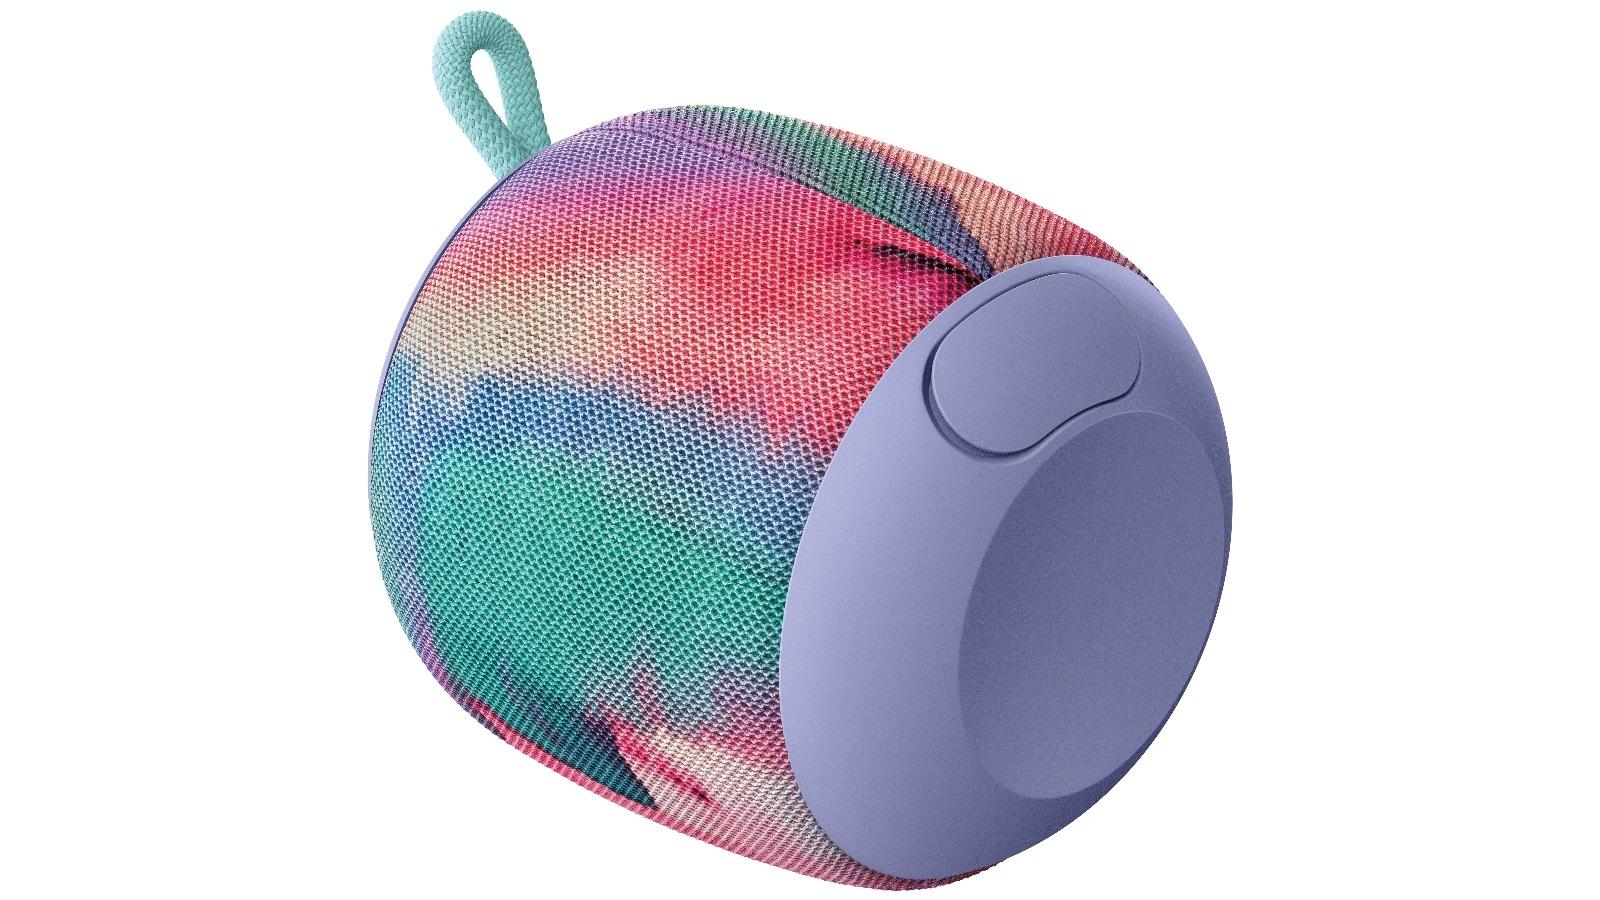 ULTIMATE EARS Wonderboom Portable Bluetooth Speaker - Unicorn